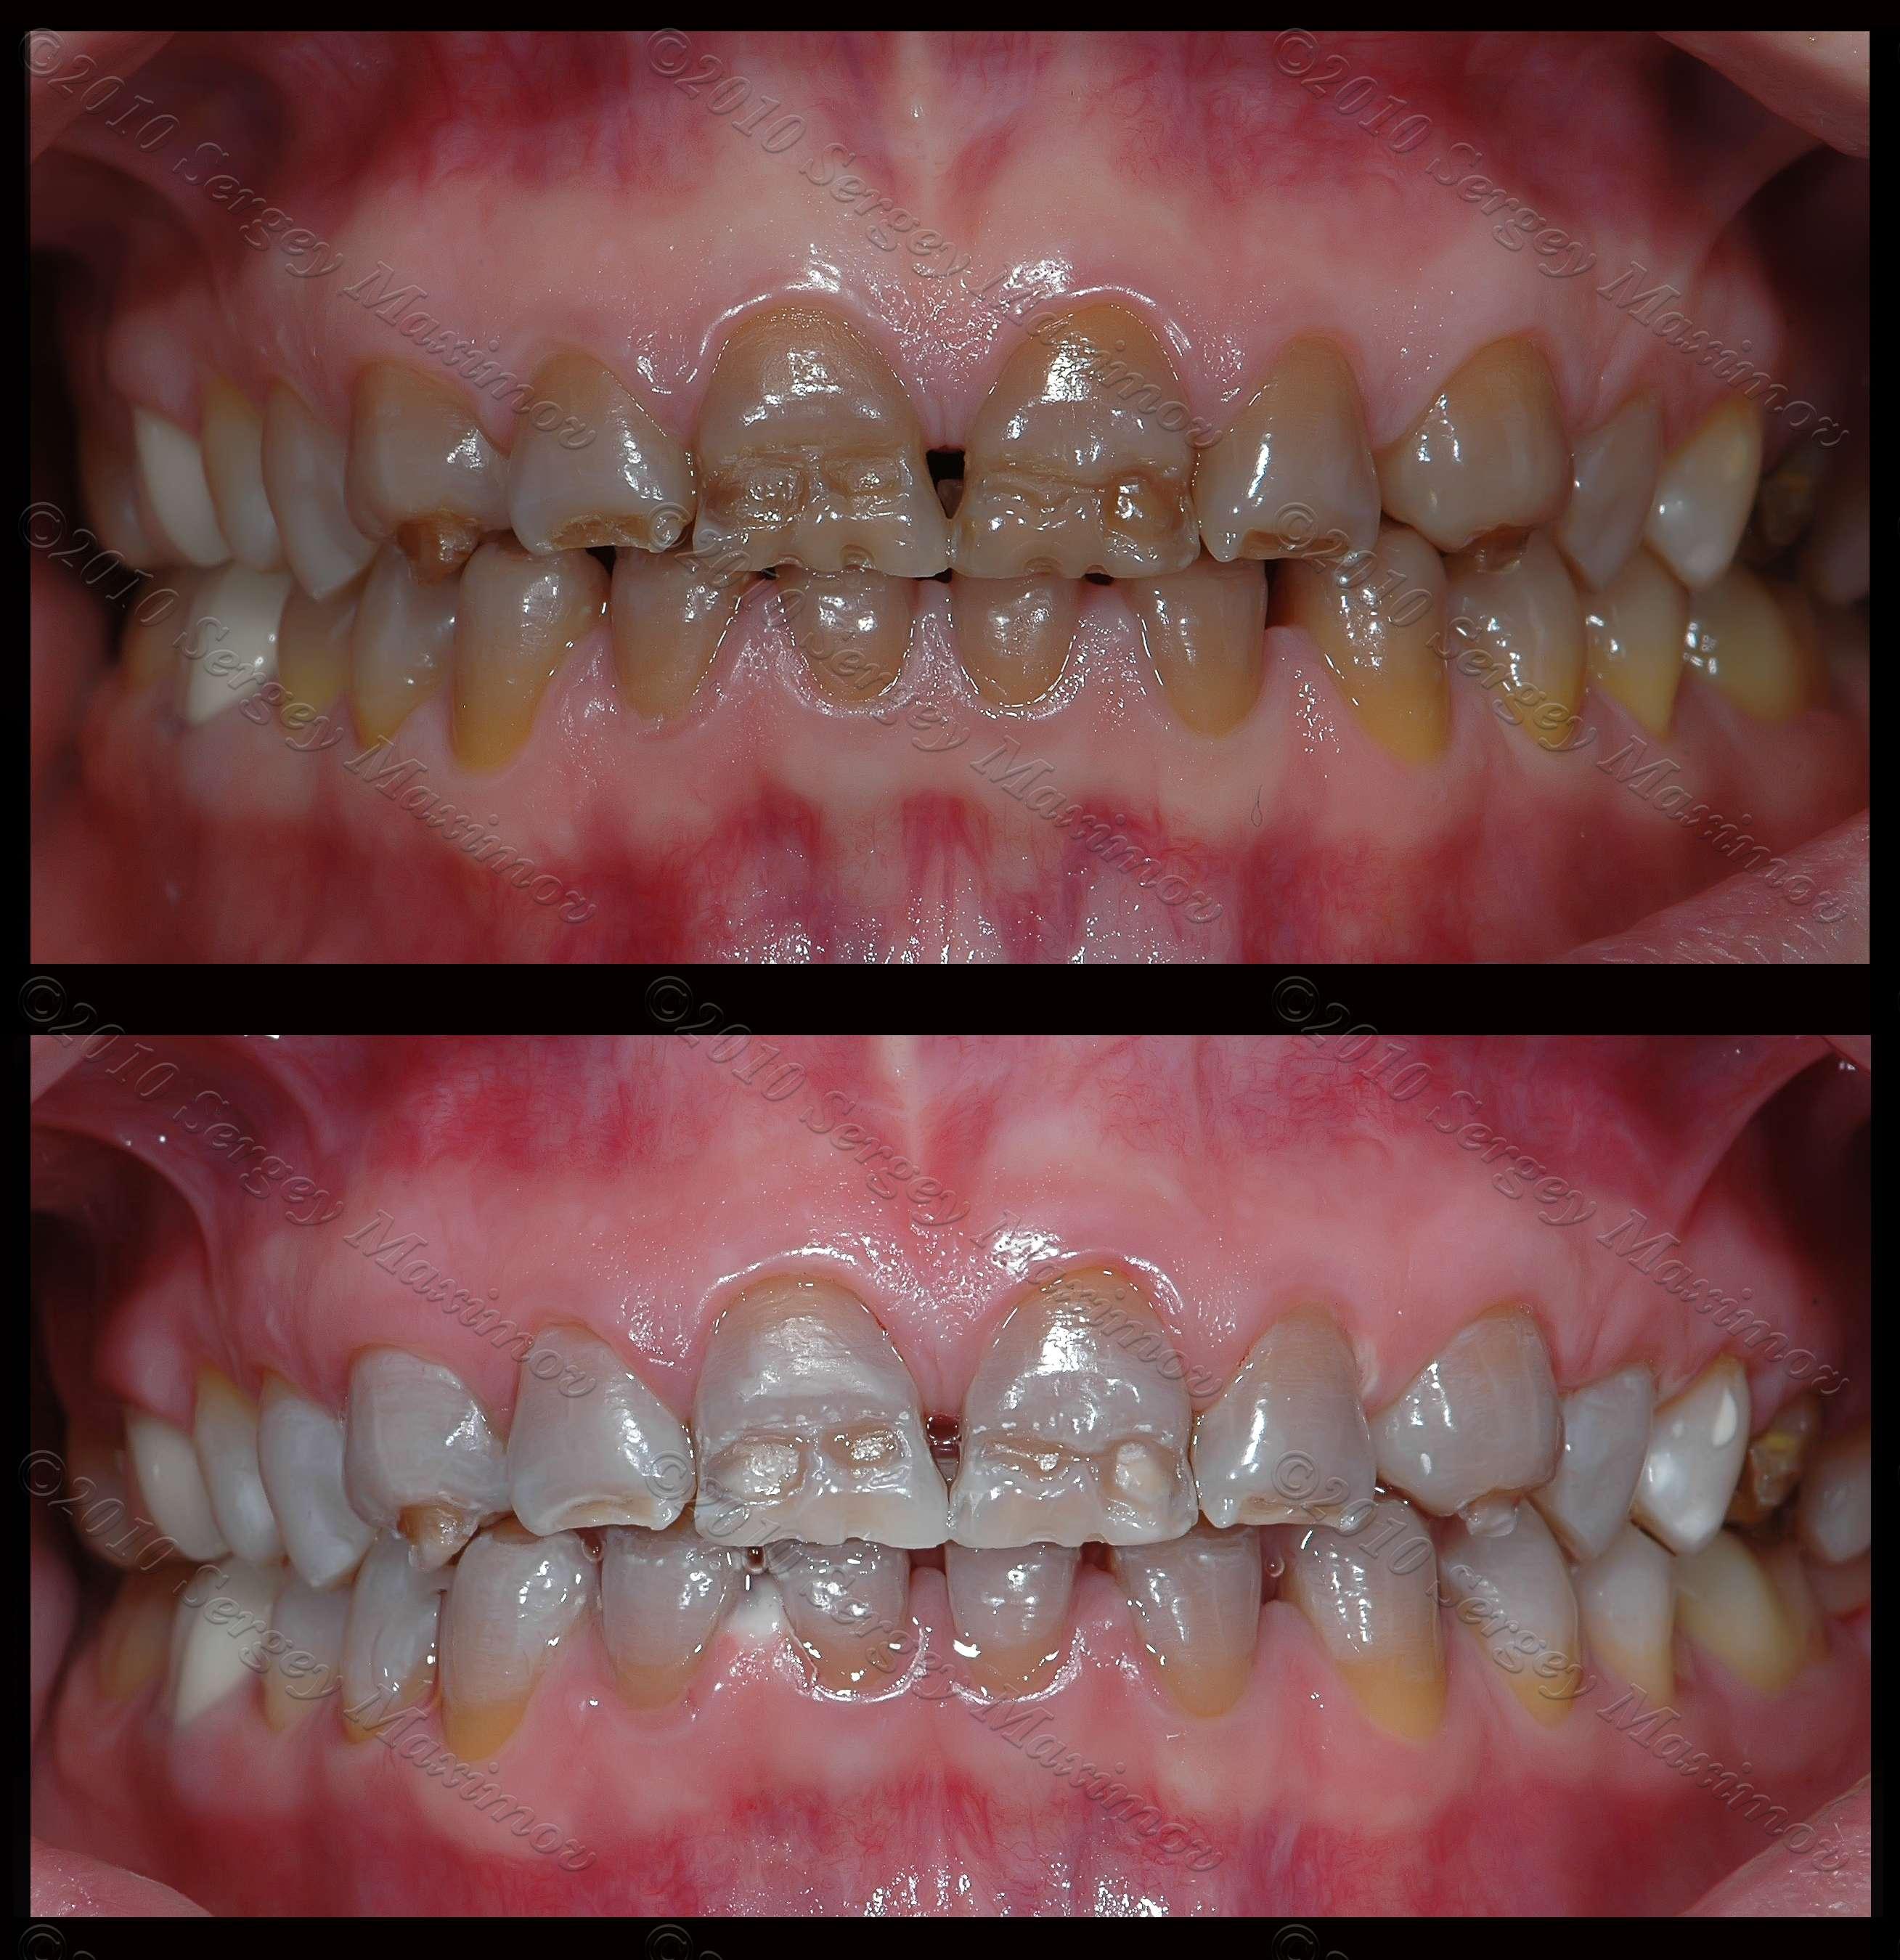 Виниловое покрытие зубов что это